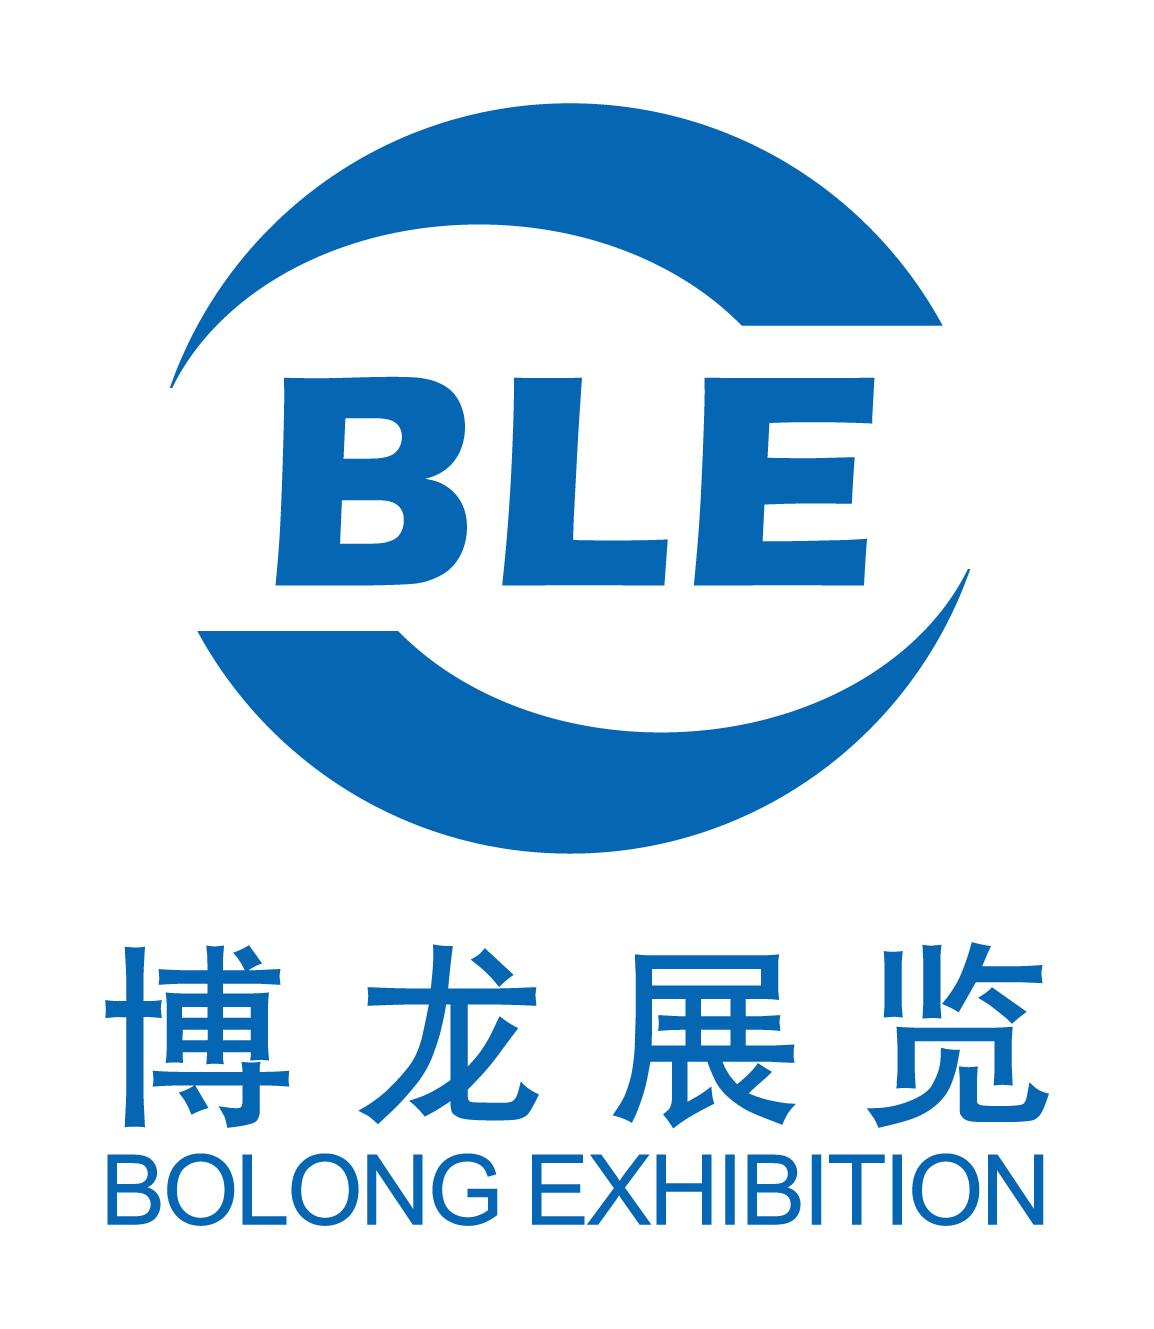 上海博龙展览服务有限公司